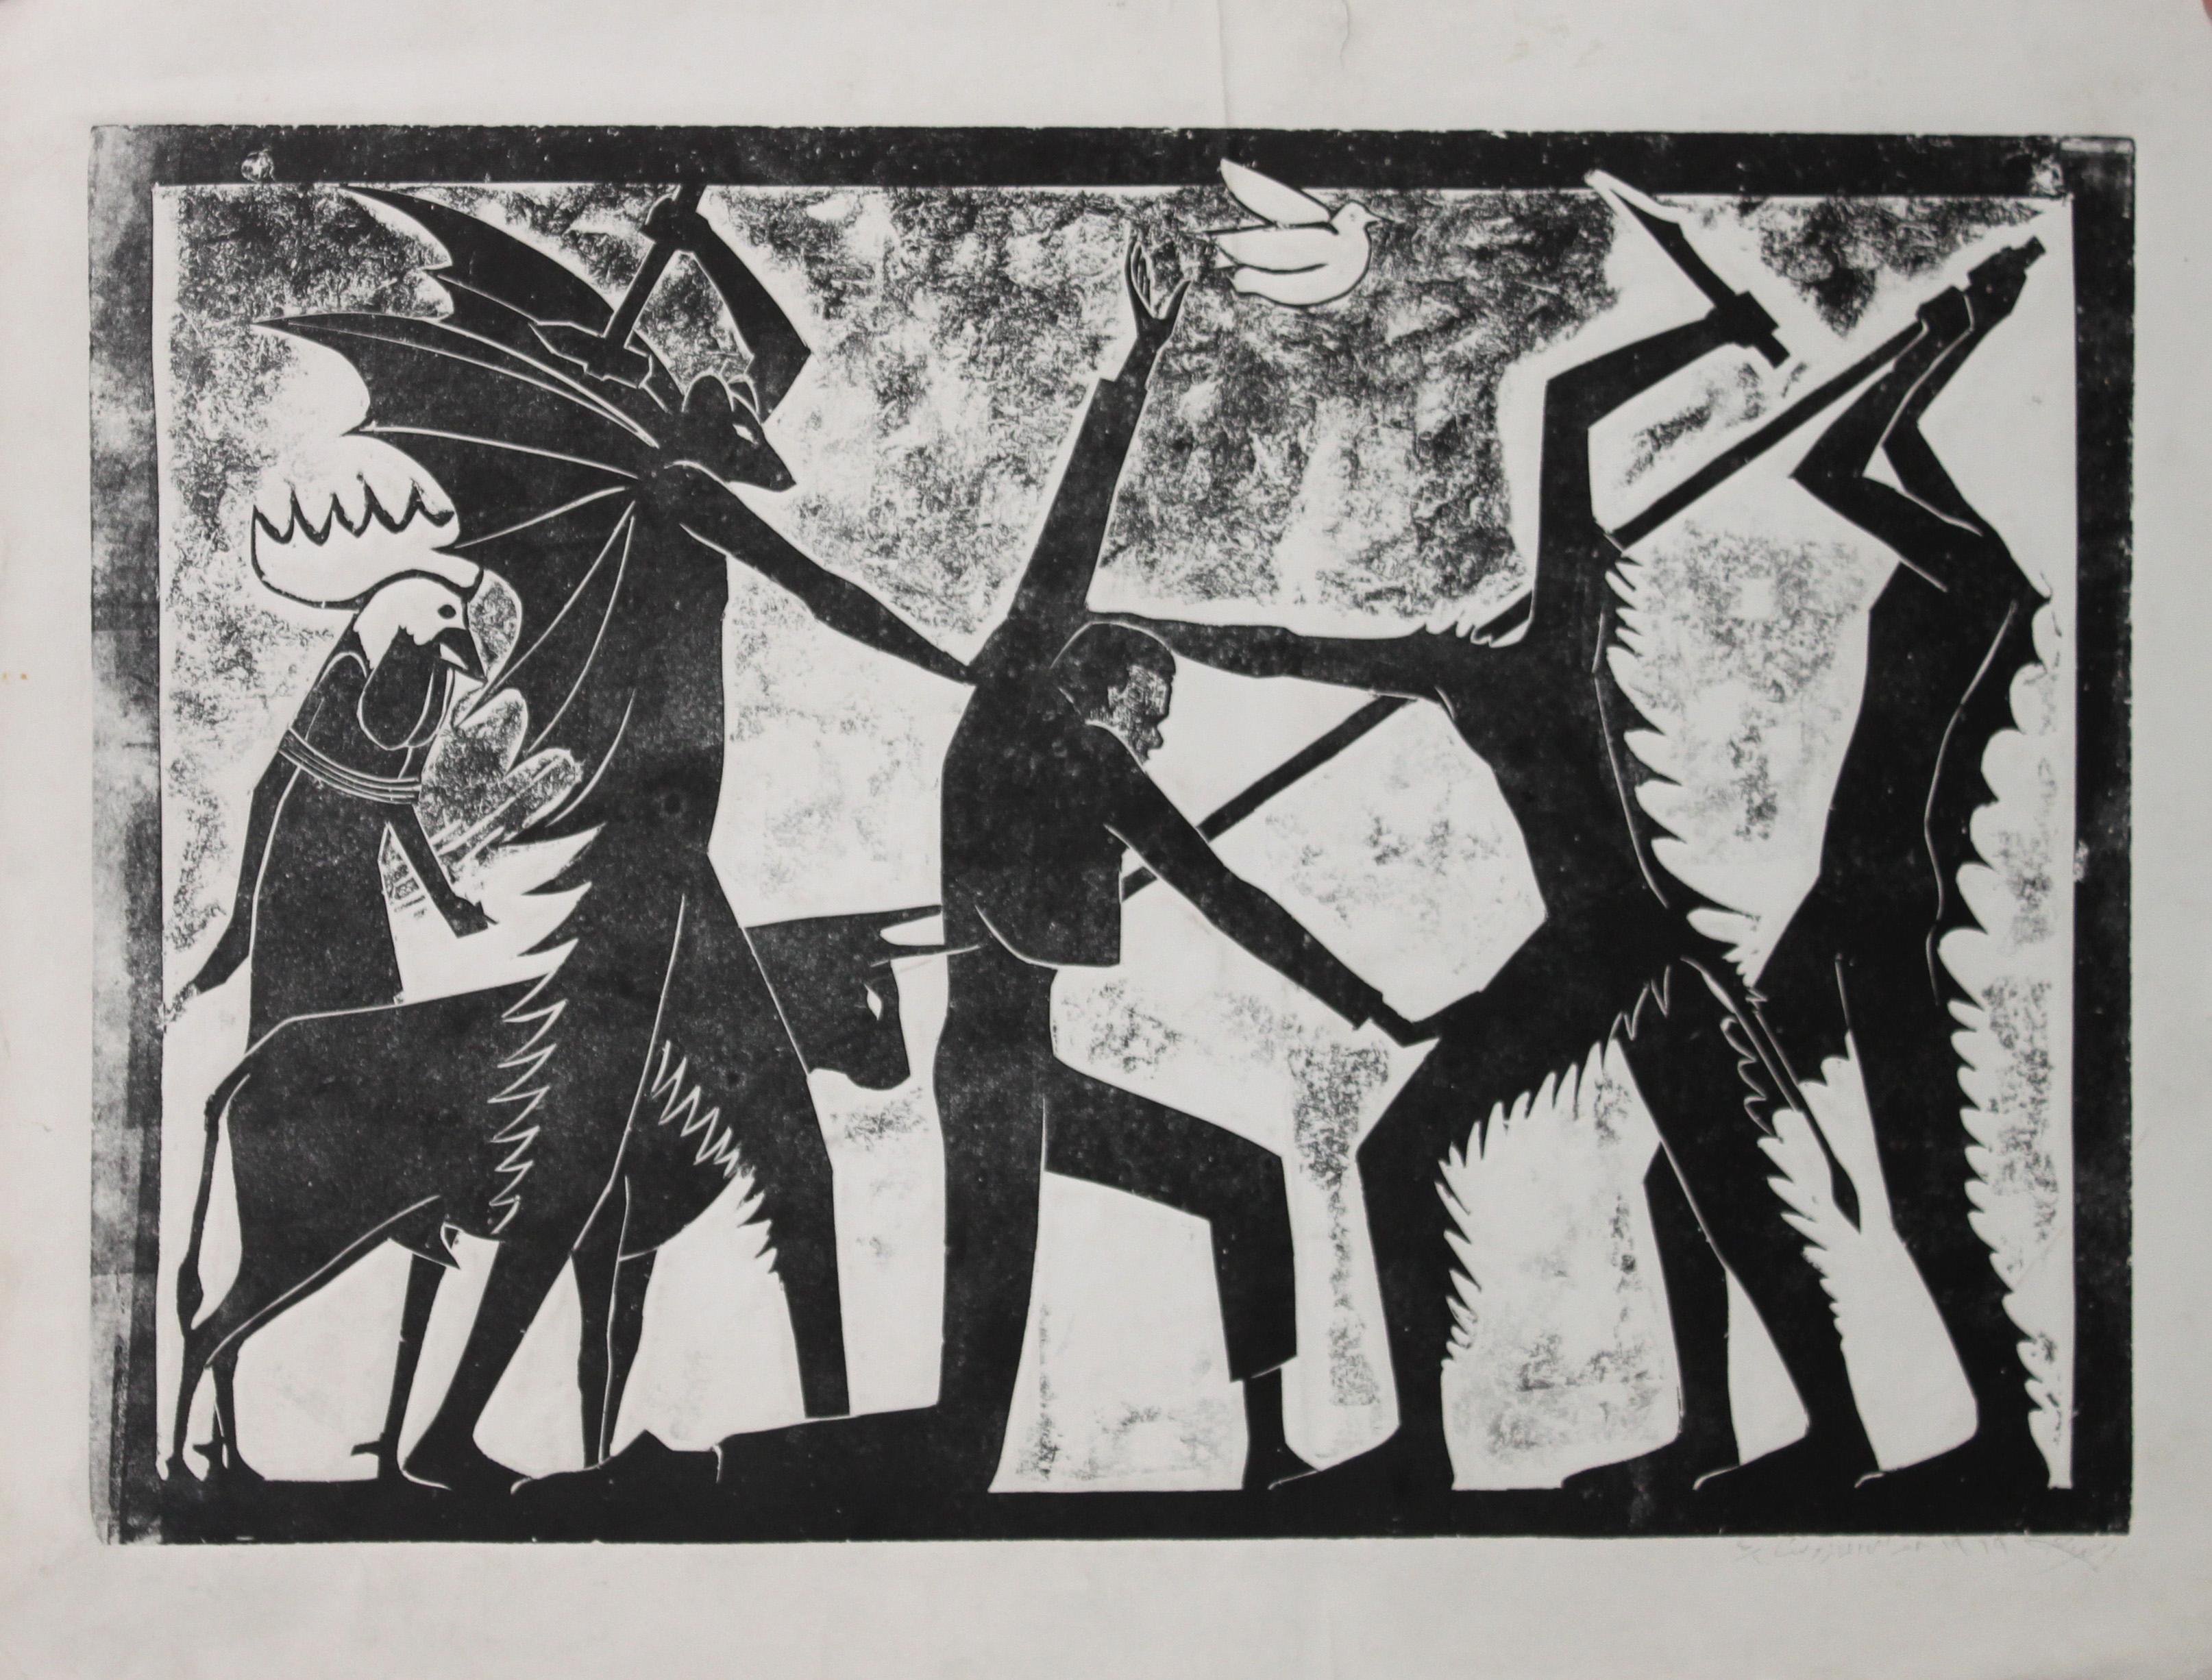 Moustafa Al Hallaj, ohne Titel, Holzschnitt, 1969, angeboten von der Agial Art Gallery, Beirut, auf der Art Dubai Modern (Foto: The artist and Agial Art Gallery)